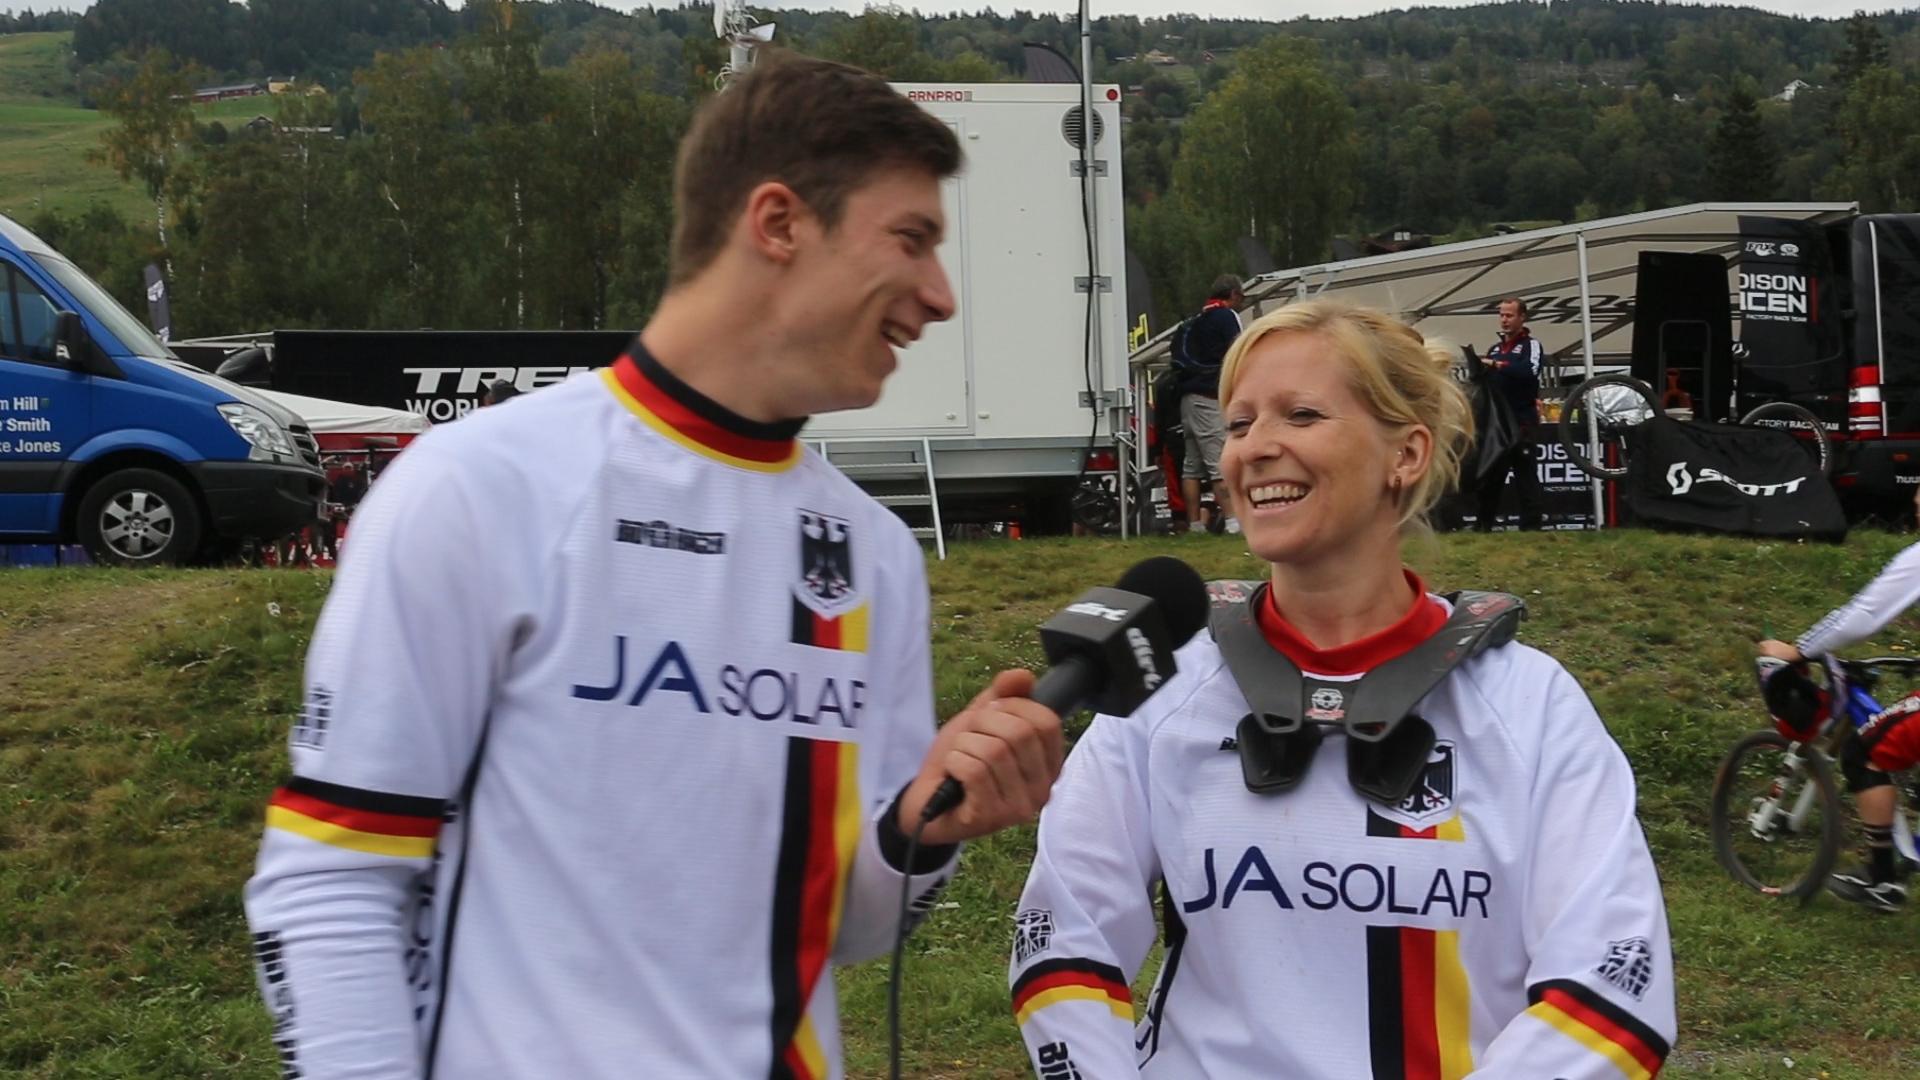 Jasper & Katrin Karkhof